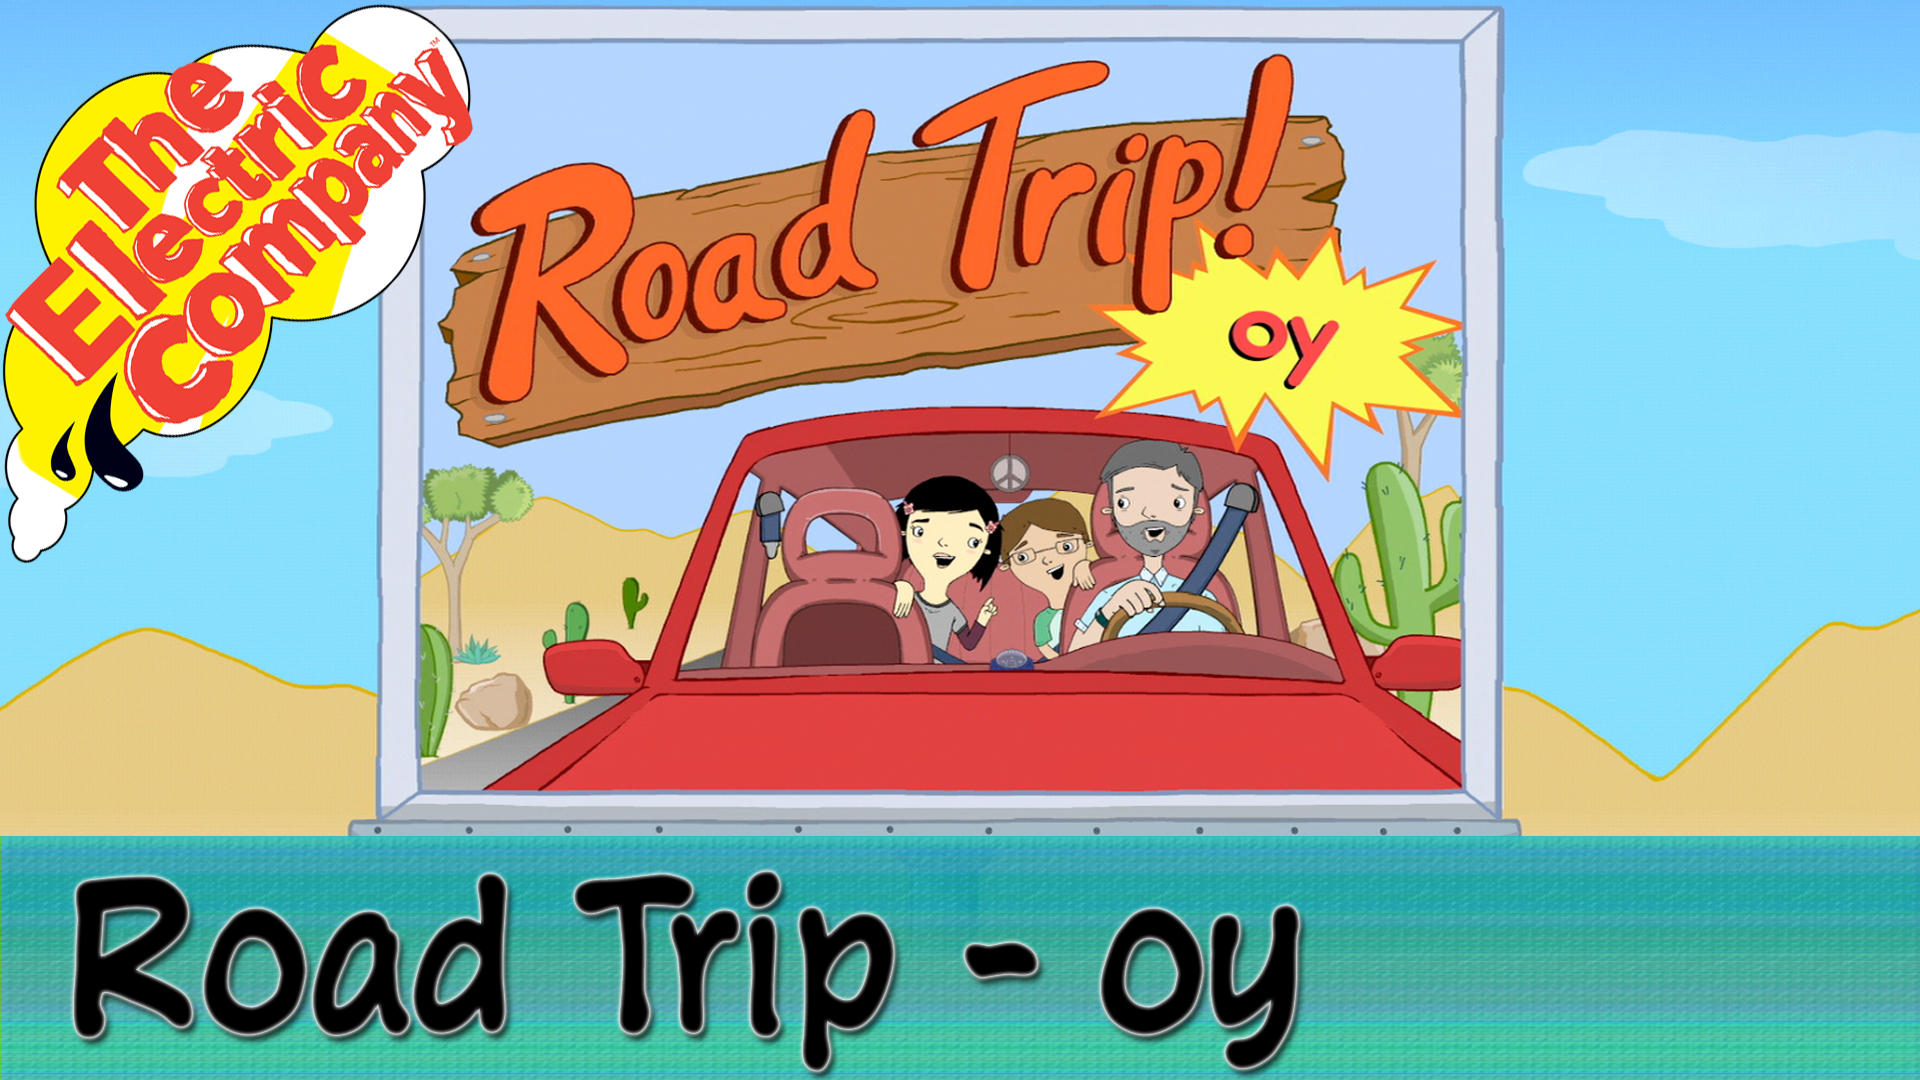 Road Trip-OY